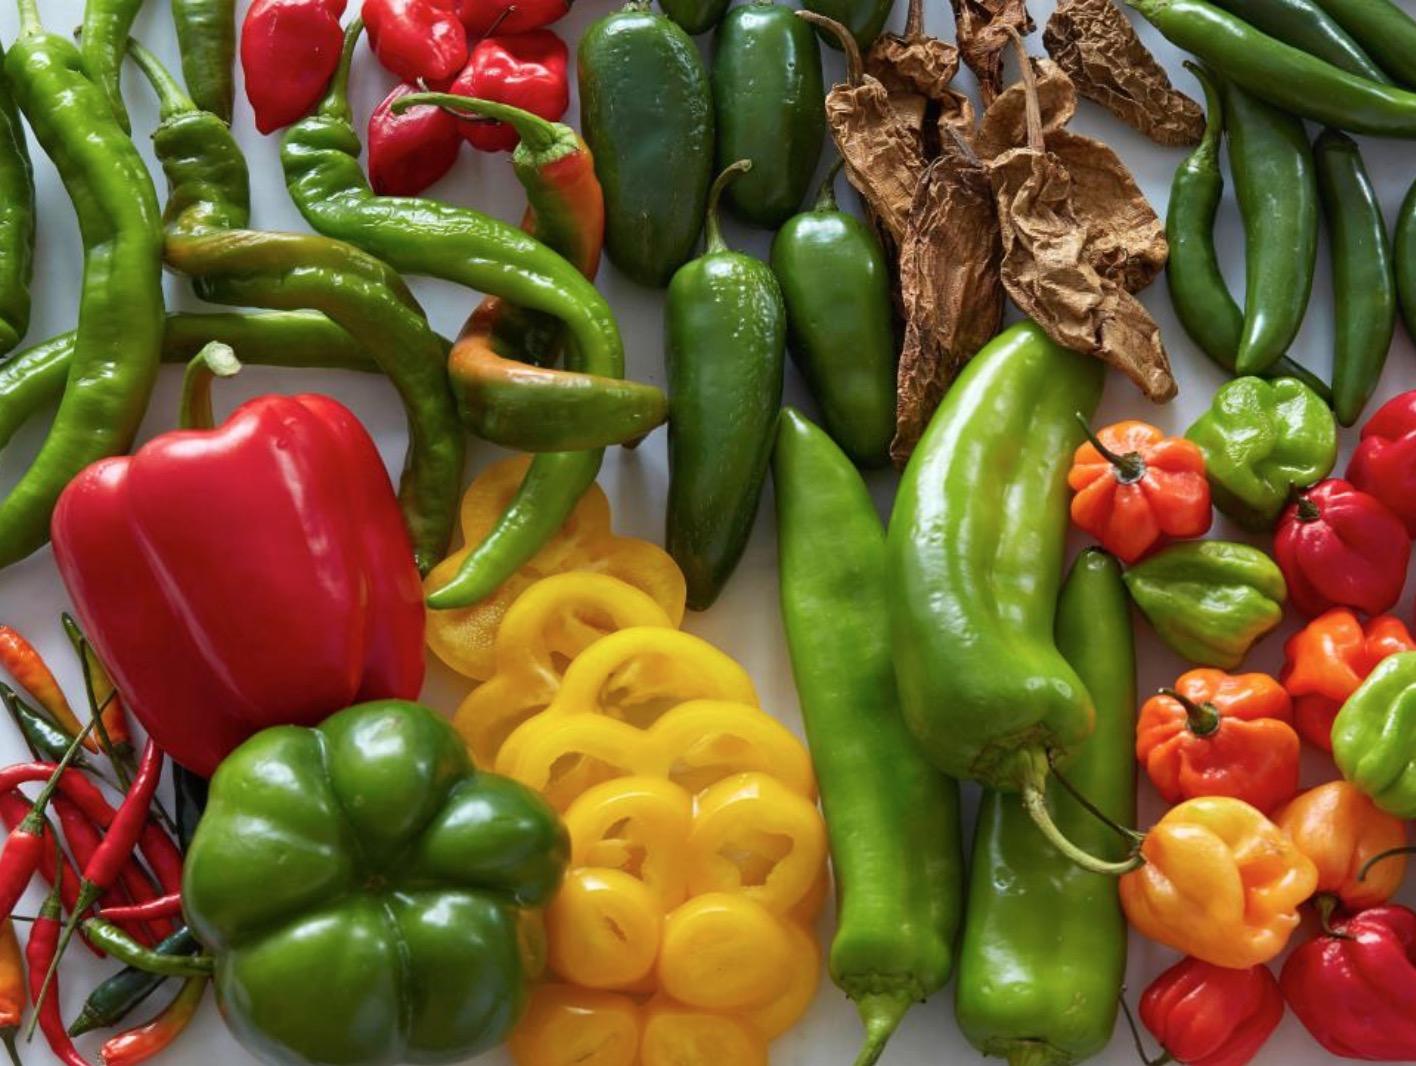 Bu Yiyeceklerin Ömrünü Buzdolabında Saklayarak Kısaltıyoruz!